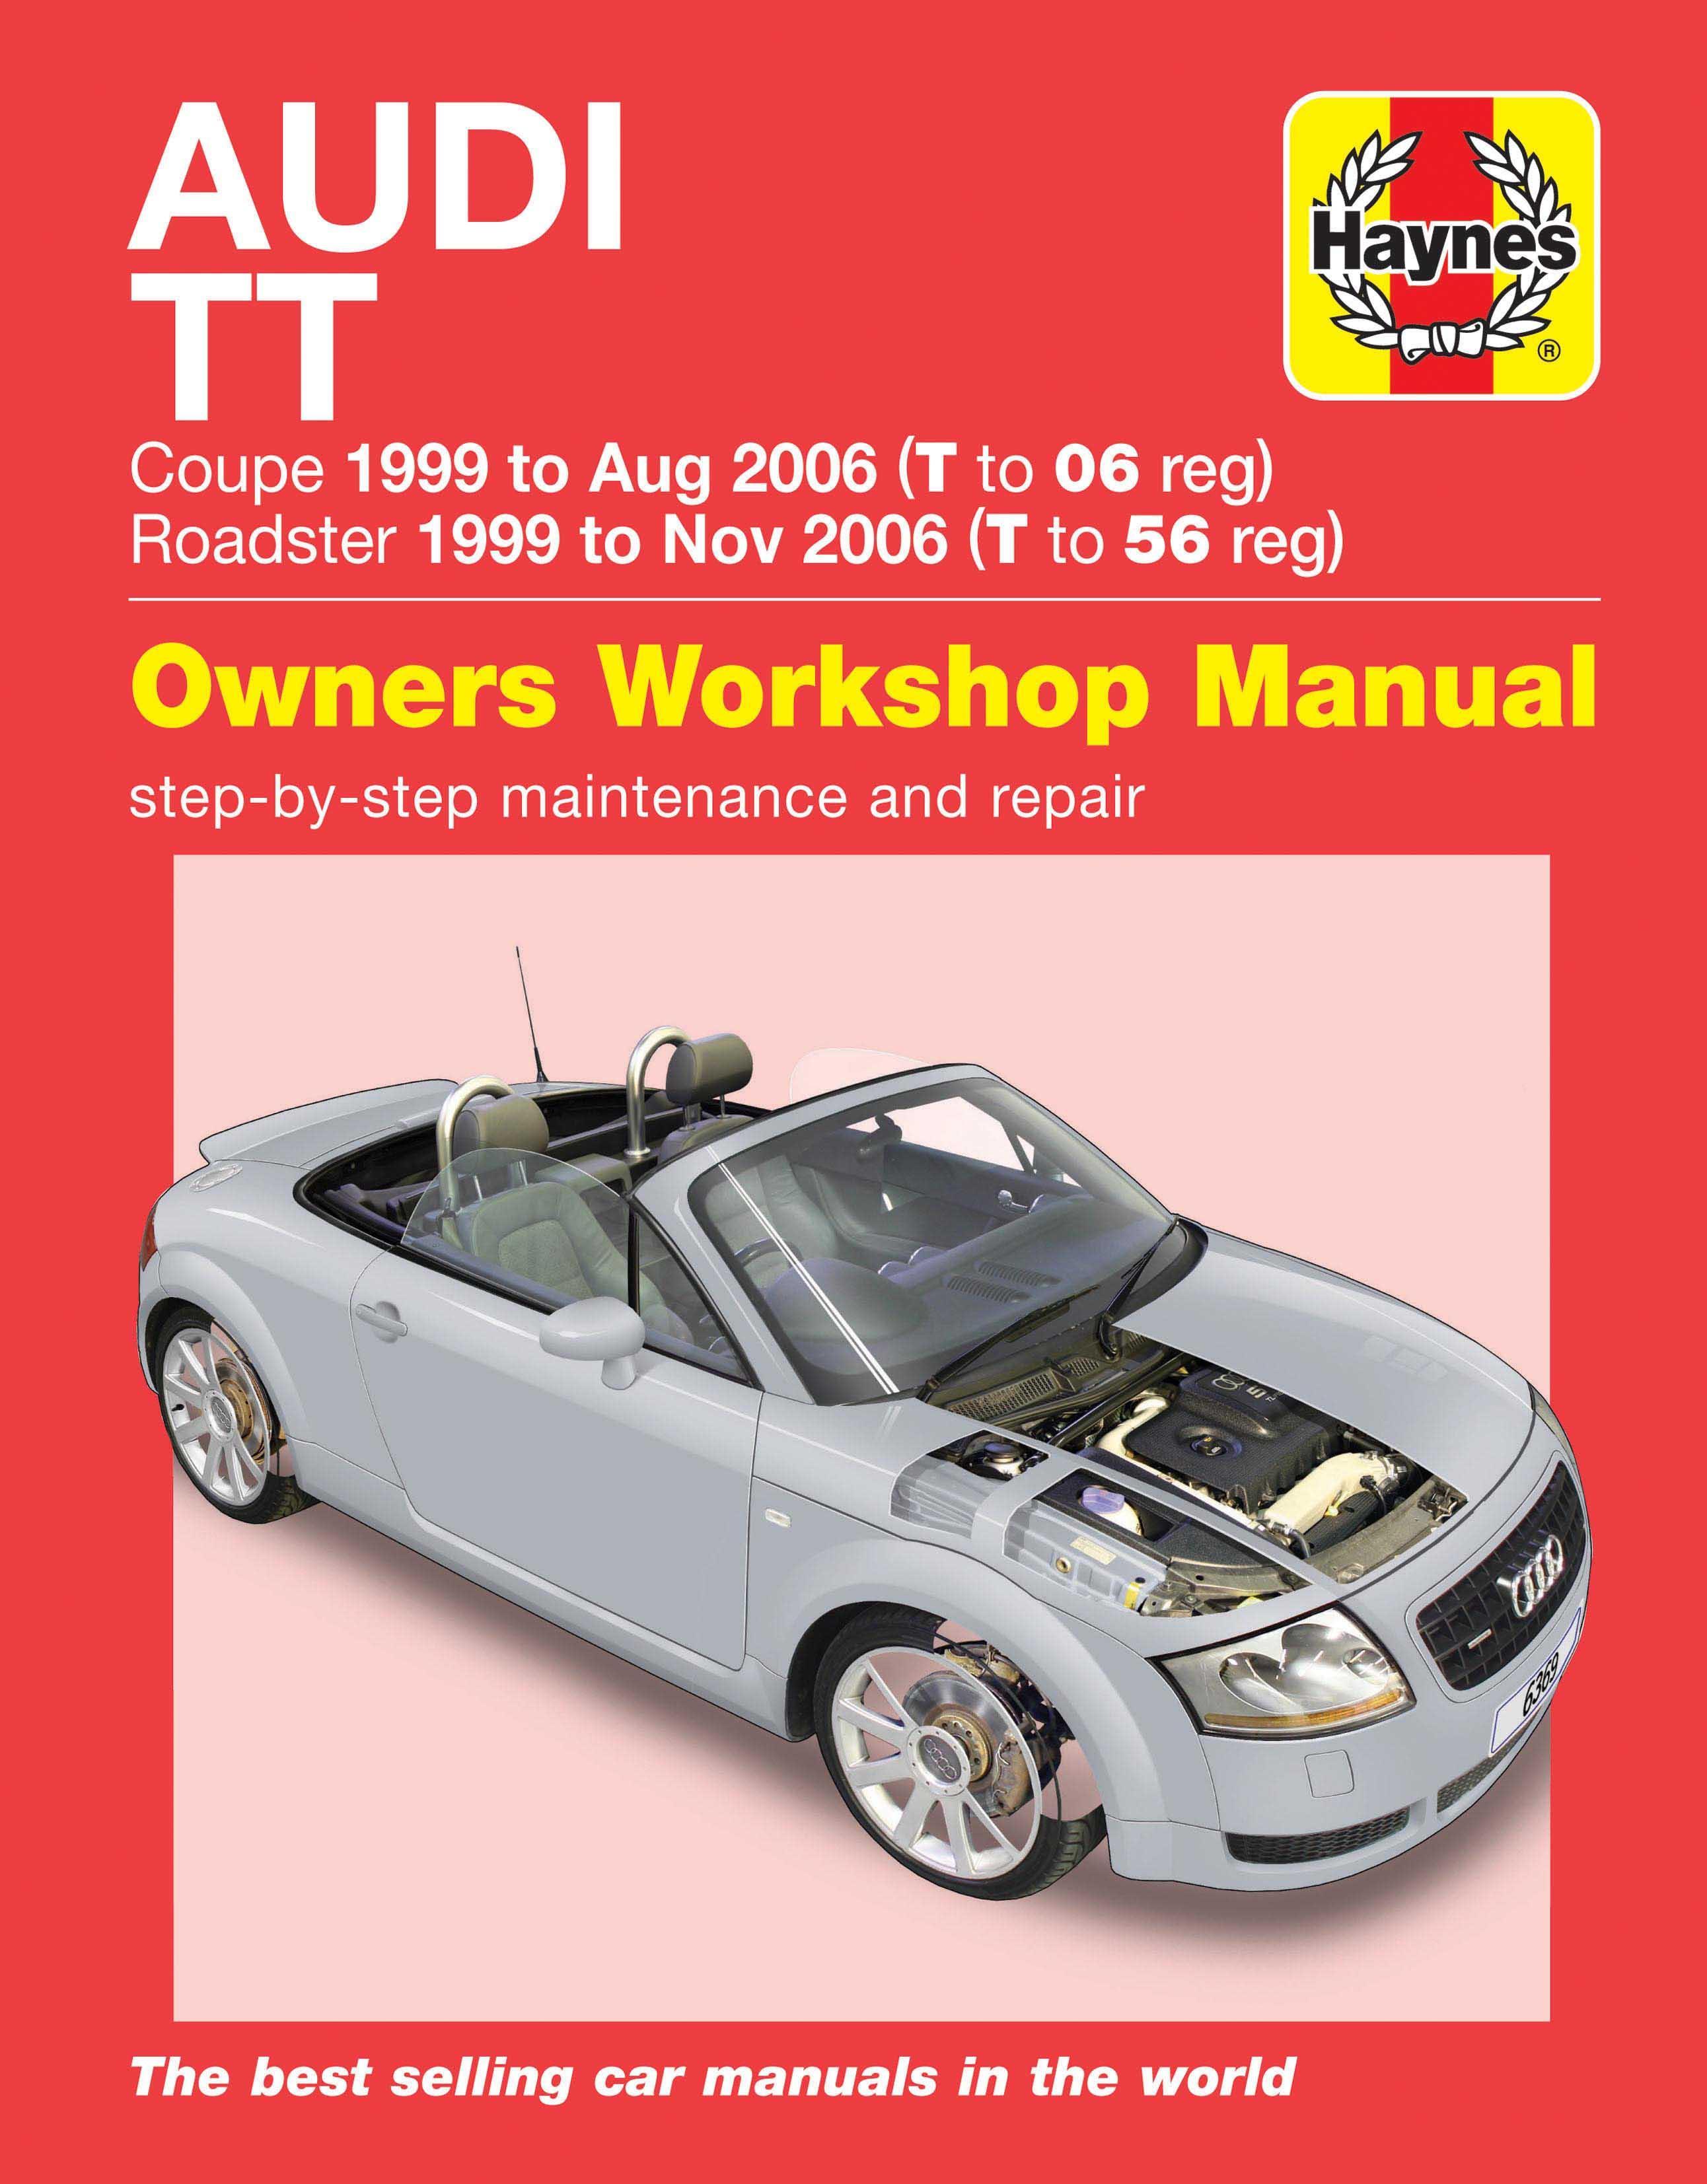 haynes audi tt 99 06 manual rh halfords com audi tt mk2 service manual audi tt mk2 owners manual pdf